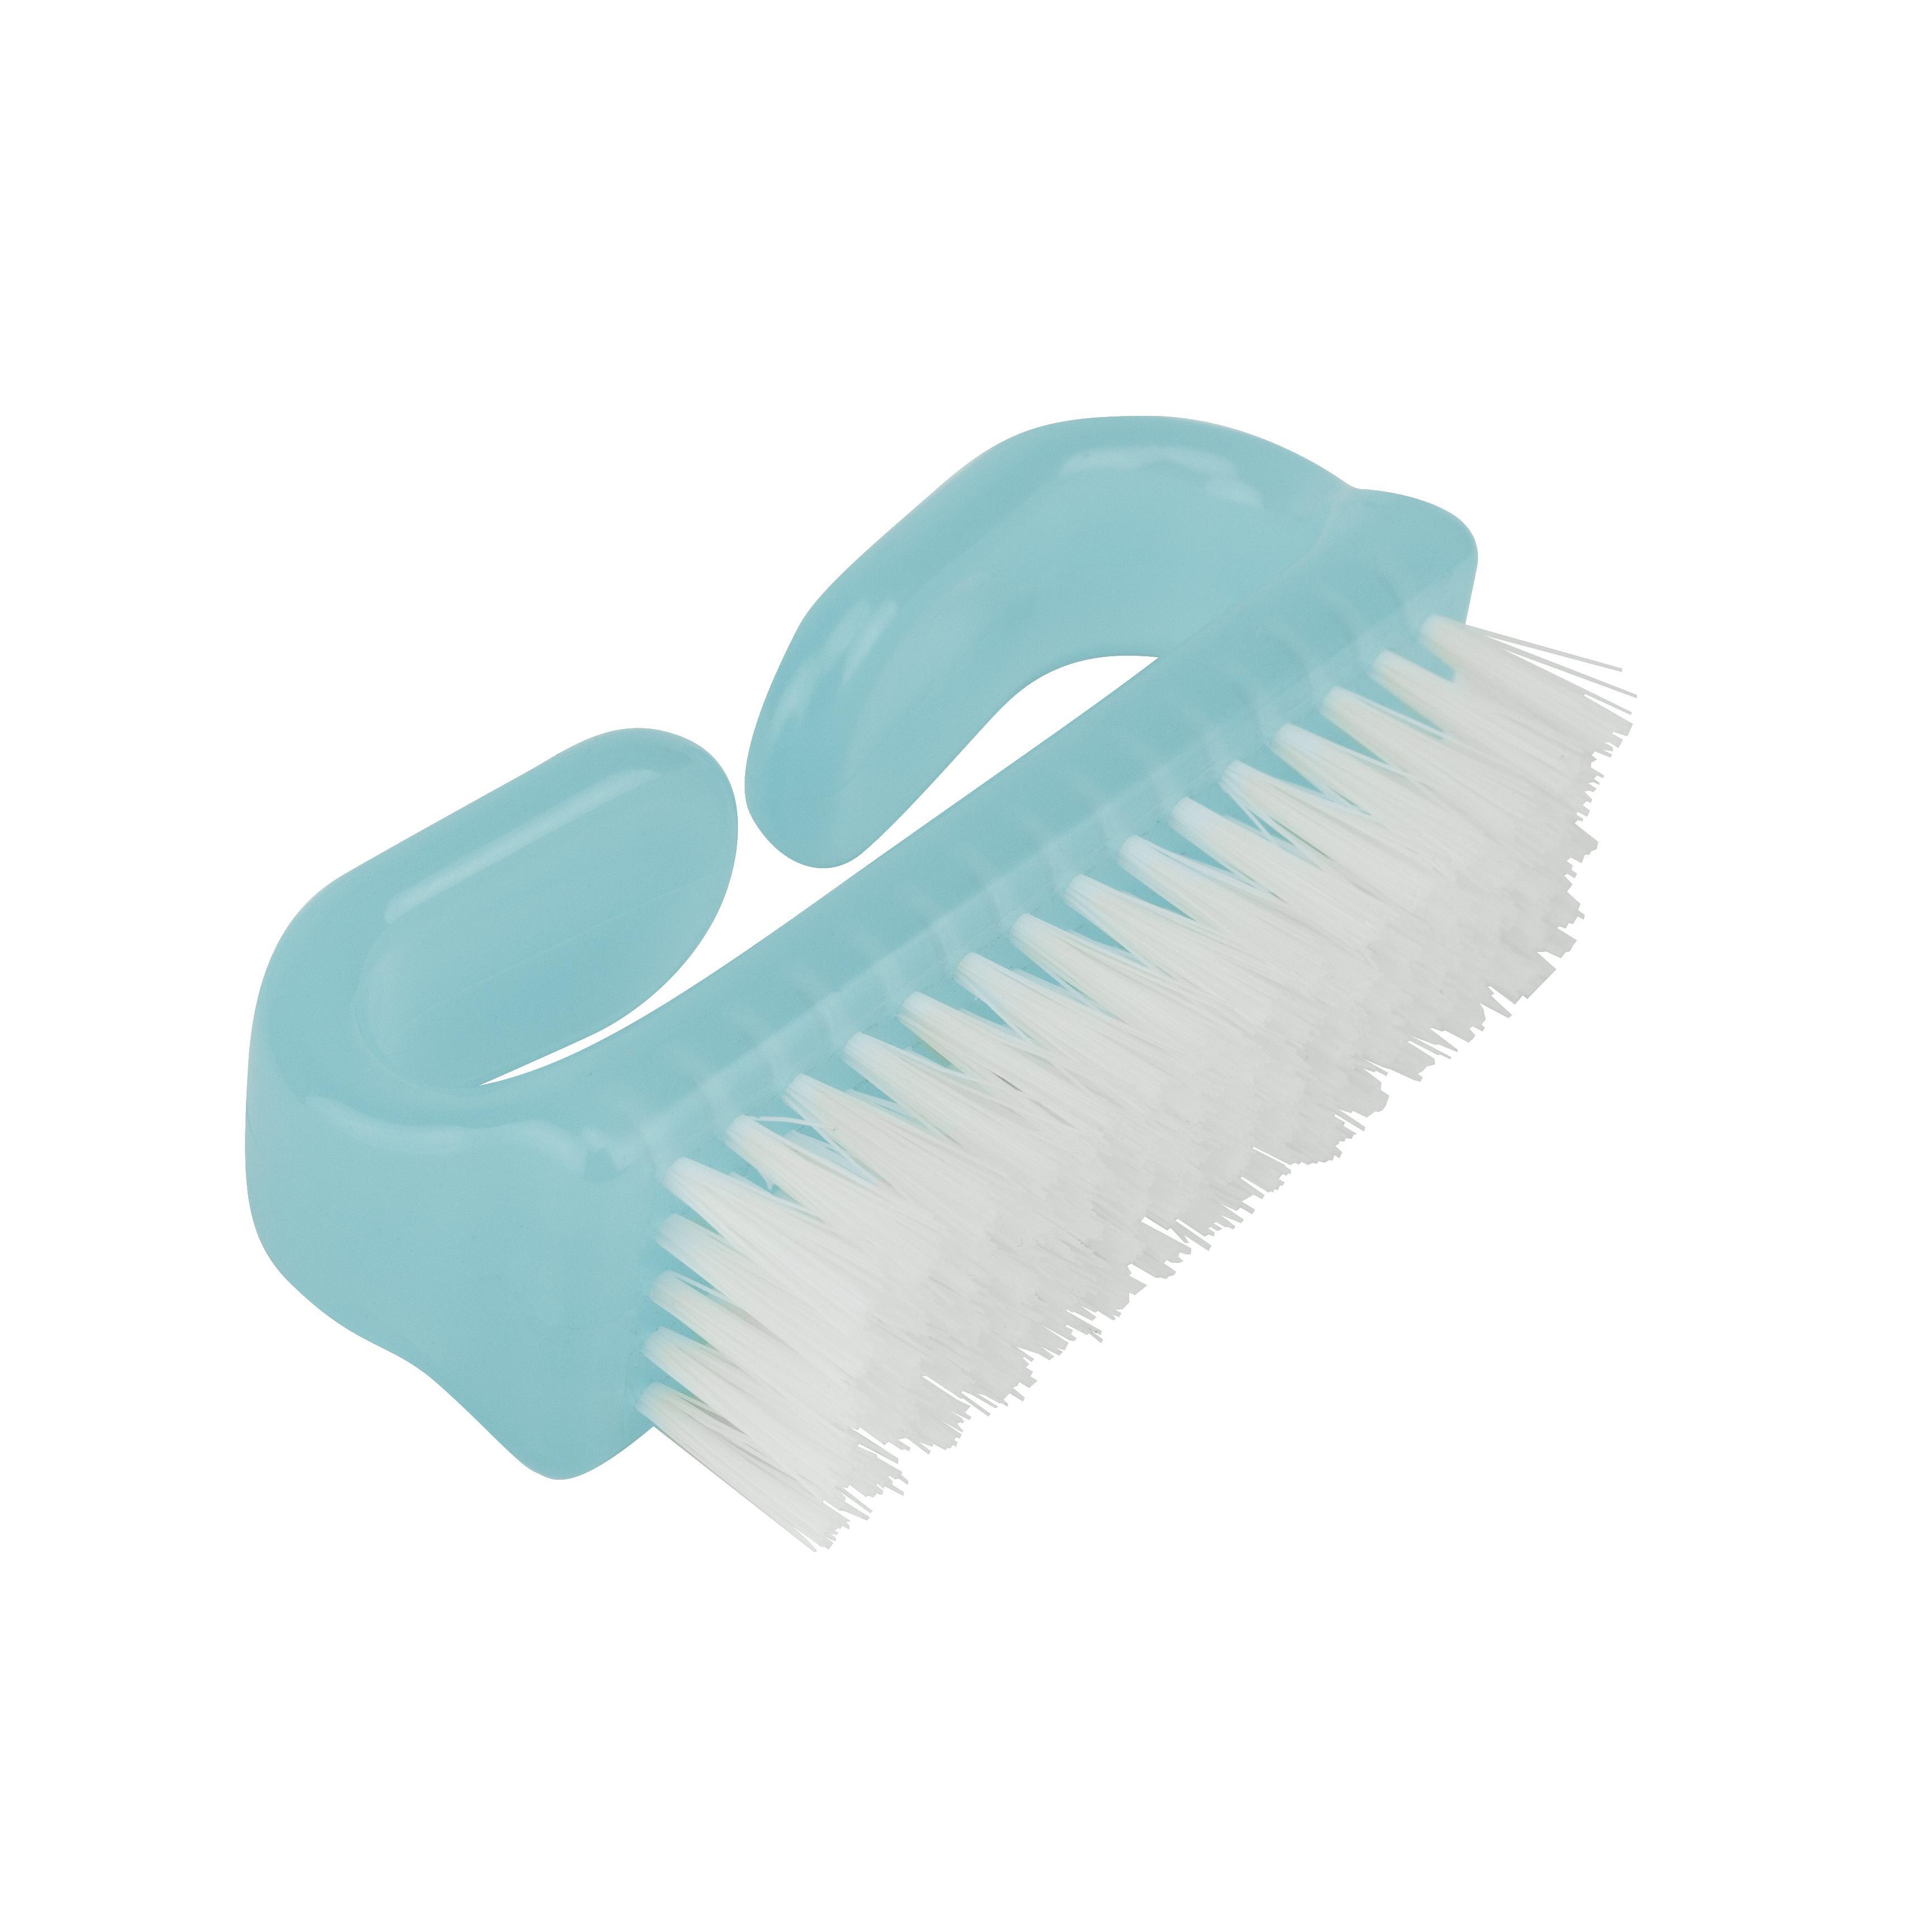 Nail Brush Nylon Bristles Beter Accesorios Y Cosméticos Para La Belleza